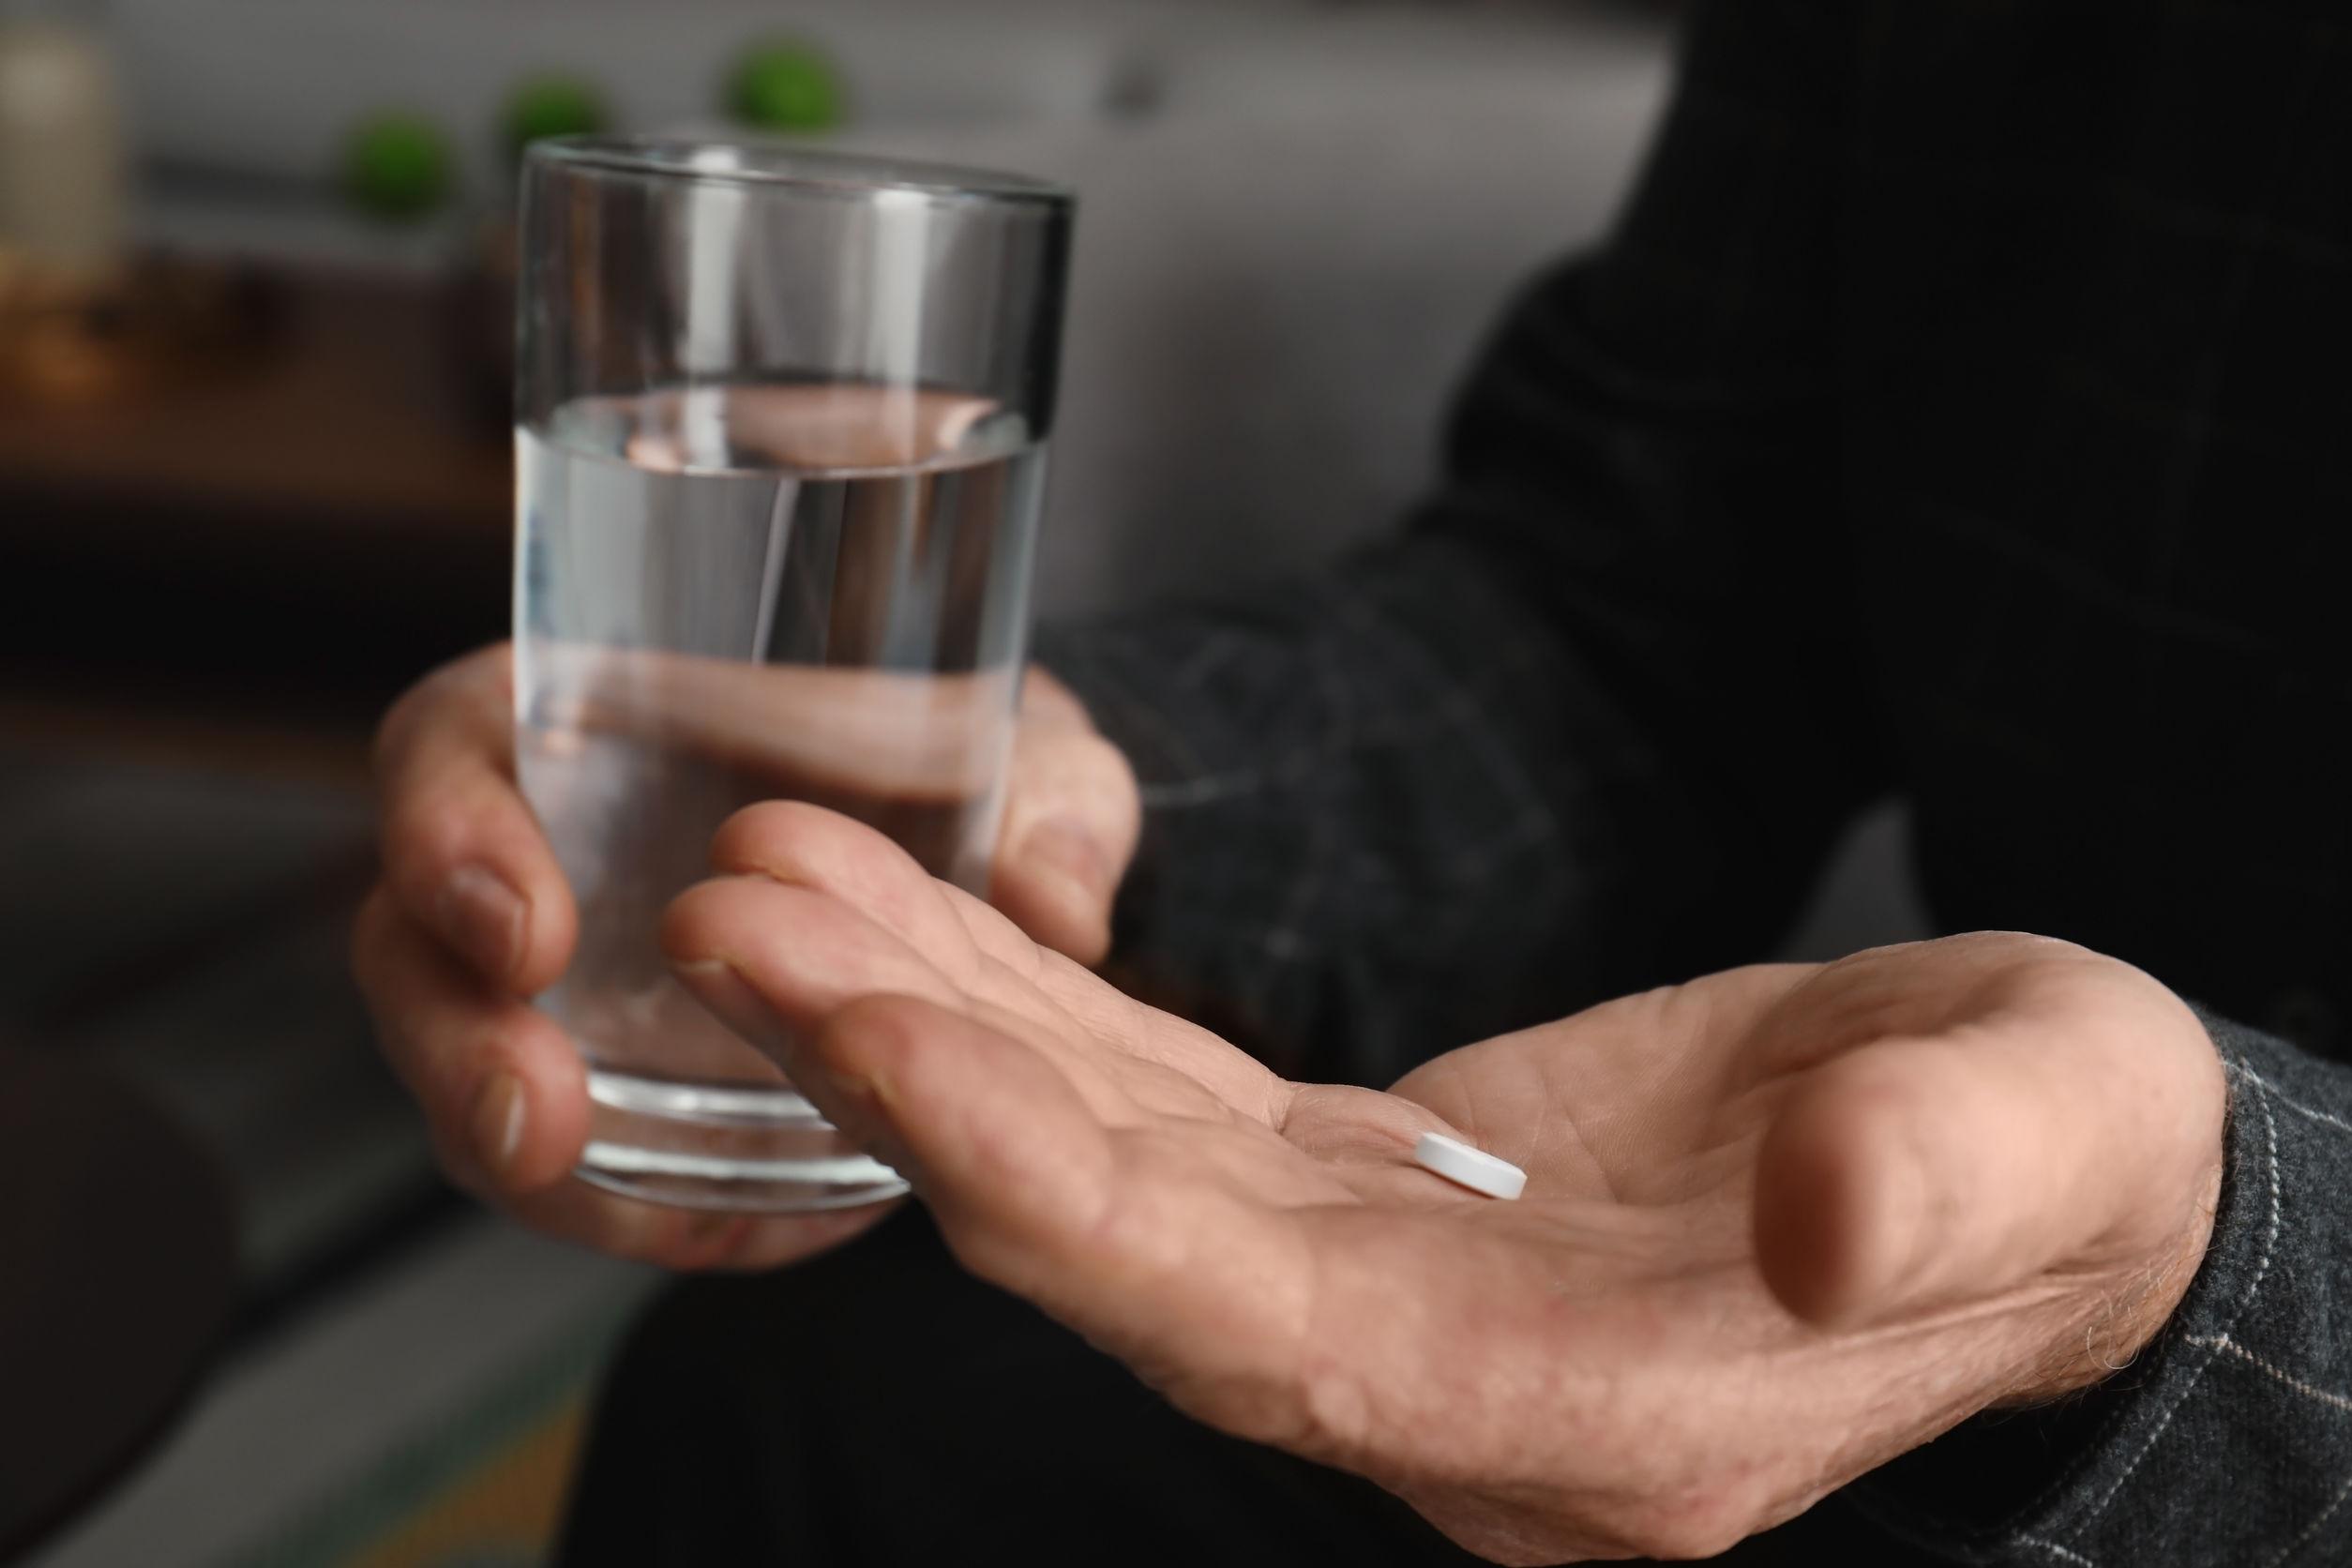 Er wordt te onzorgvuldig en te veel antibiotica voorgeschreven